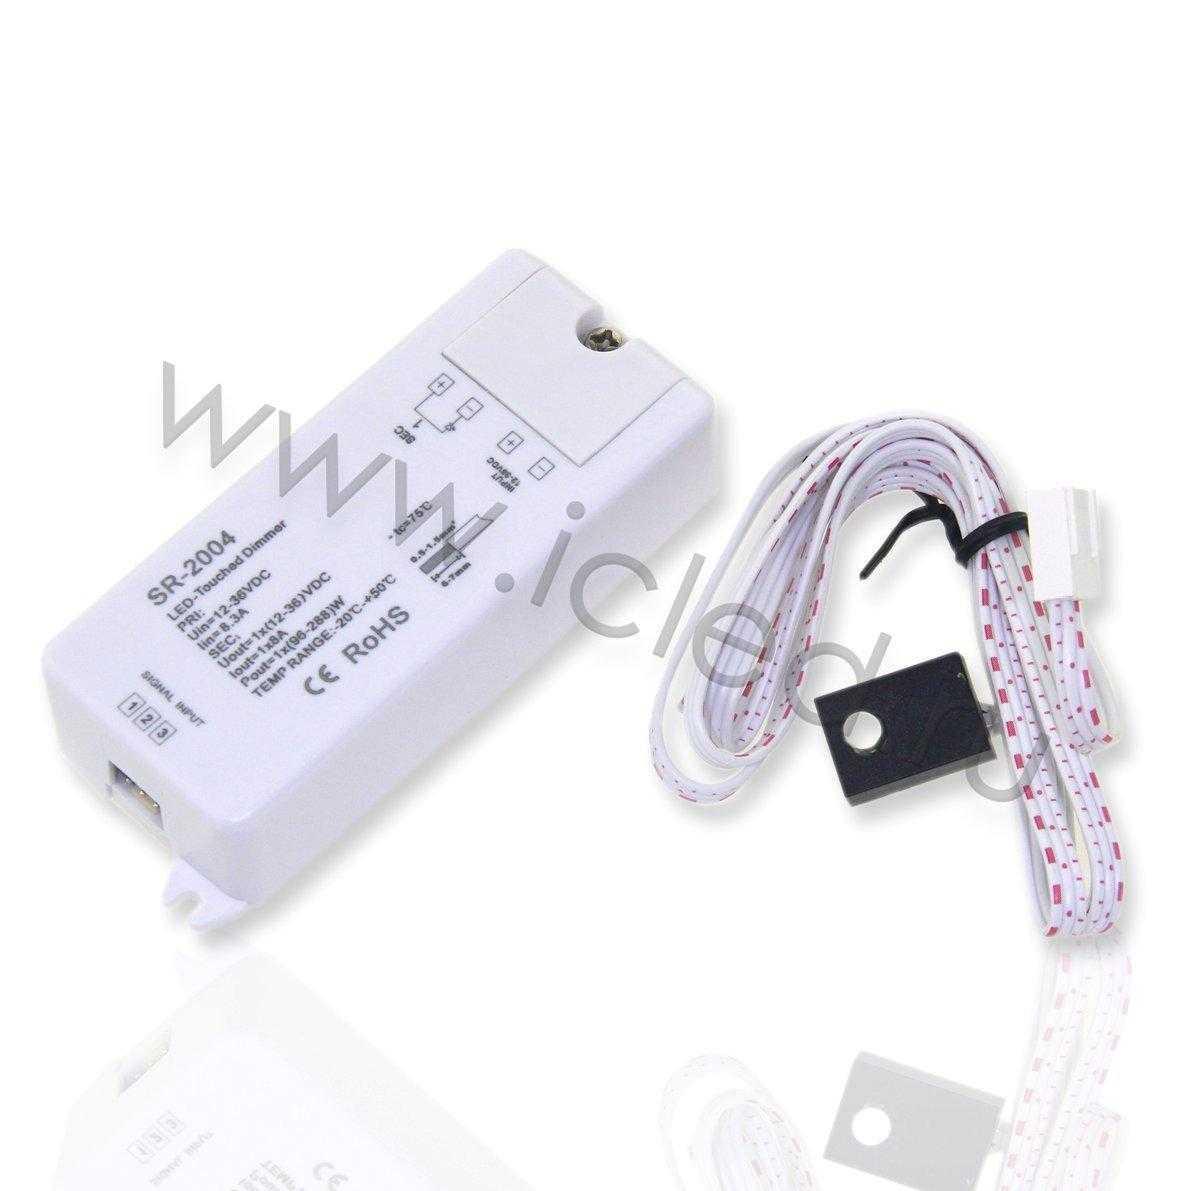 Диммер SR-2004 sensor (12-36V, 96-288W)